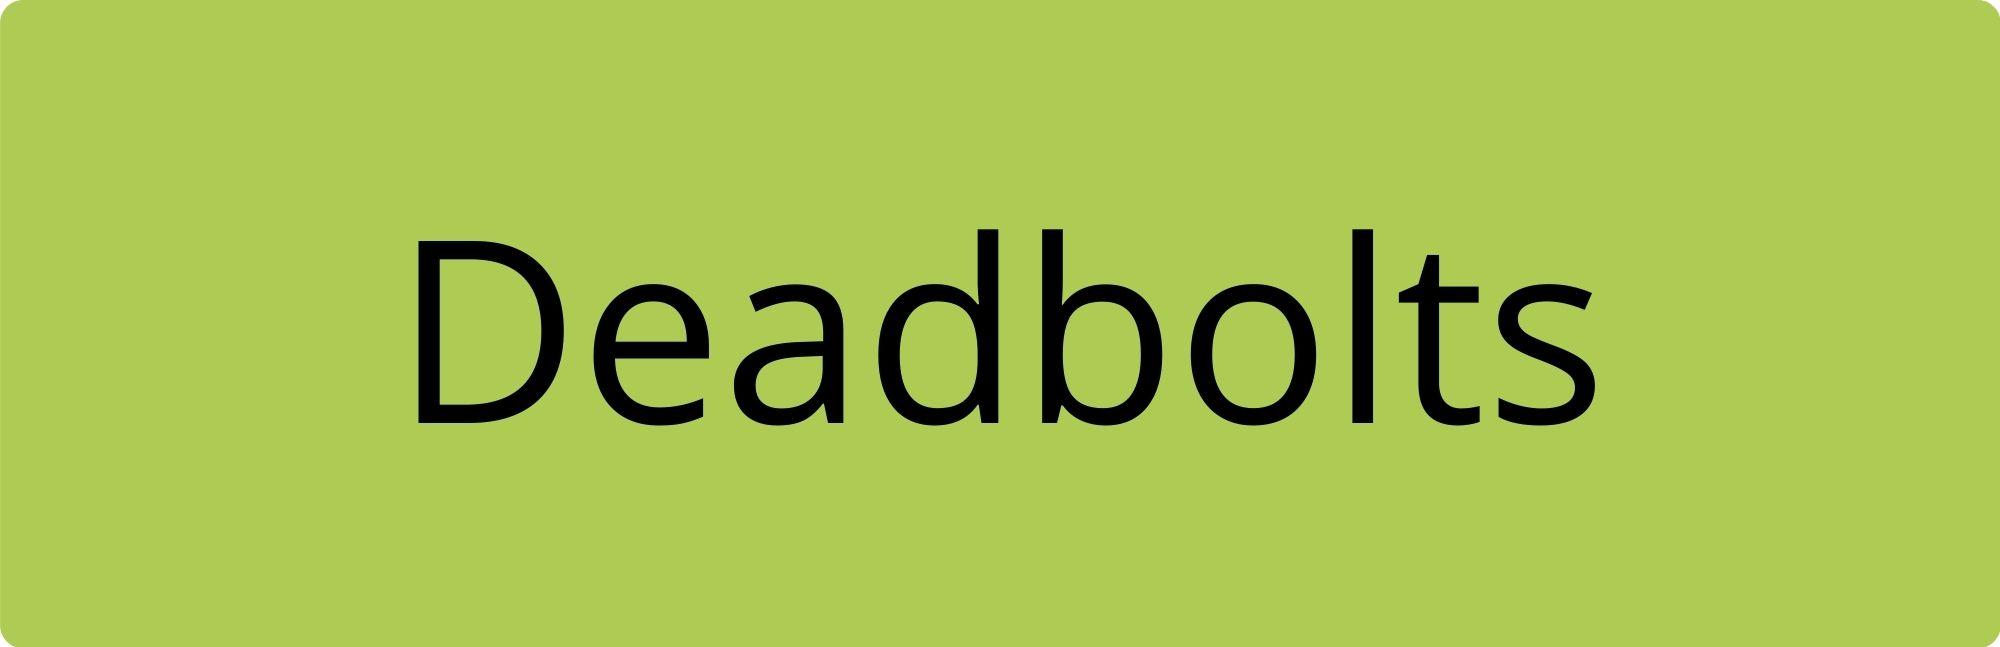 deadbolts.jpg